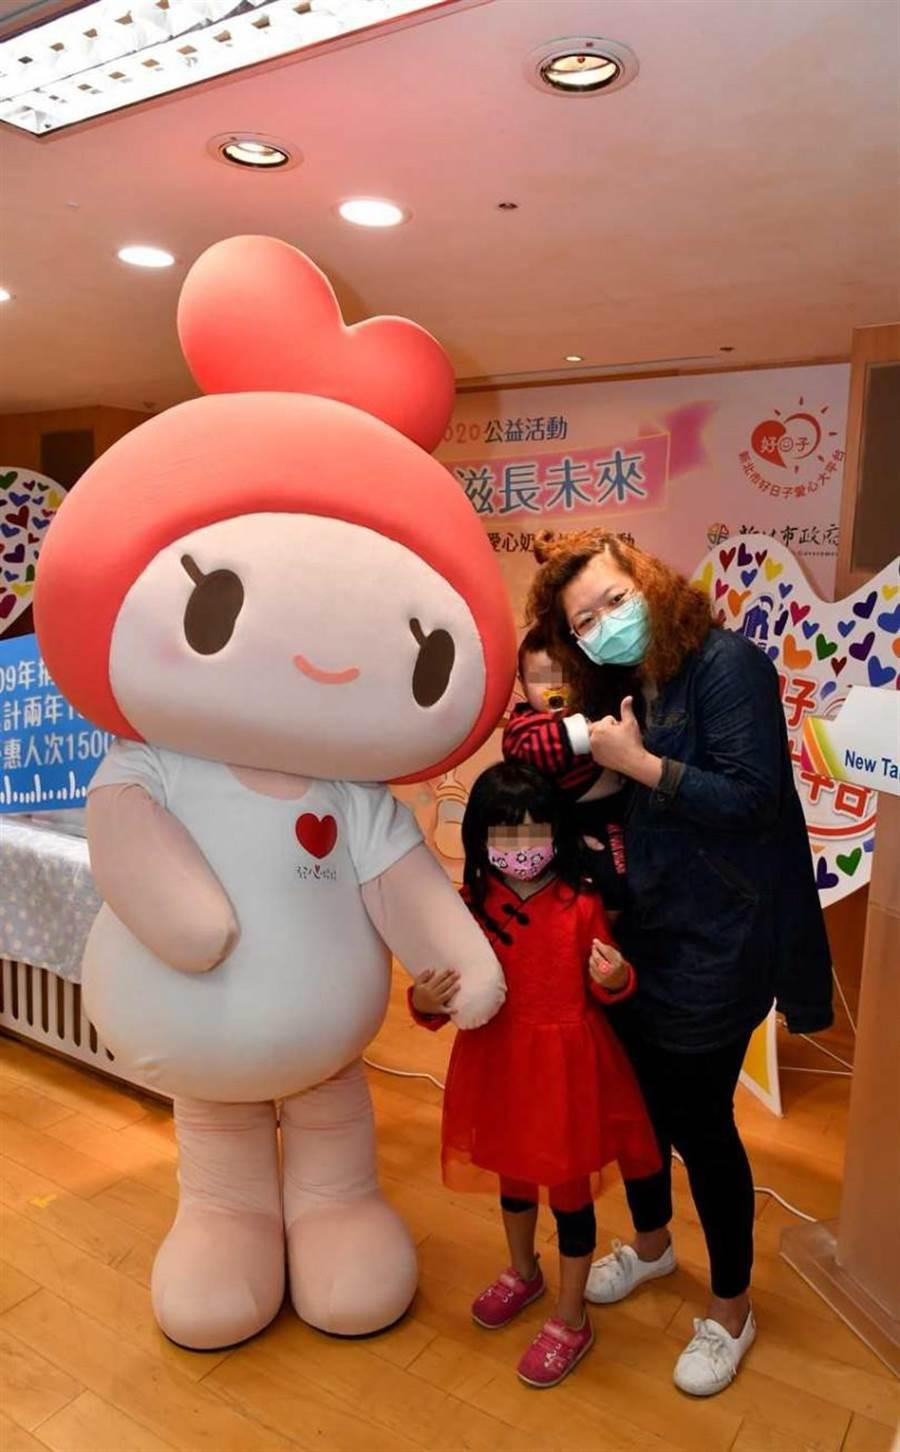 受贈家戶代表的小朋友開心地挽著協會公益大使發心娃娃的手,一同合影留念。(圖/道家人文協會提供)